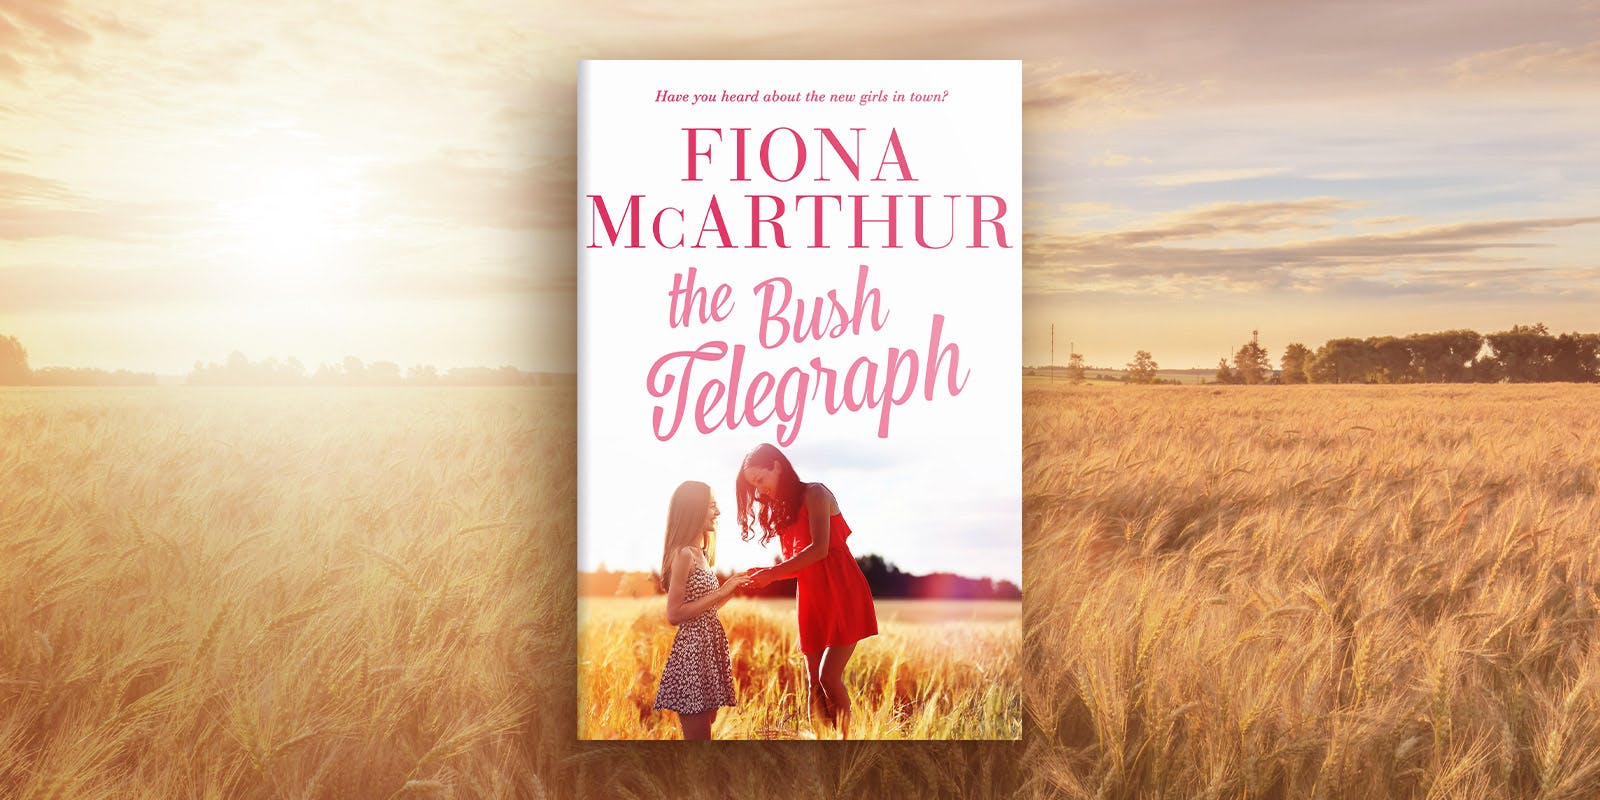 The Bush Telegraph book club notes